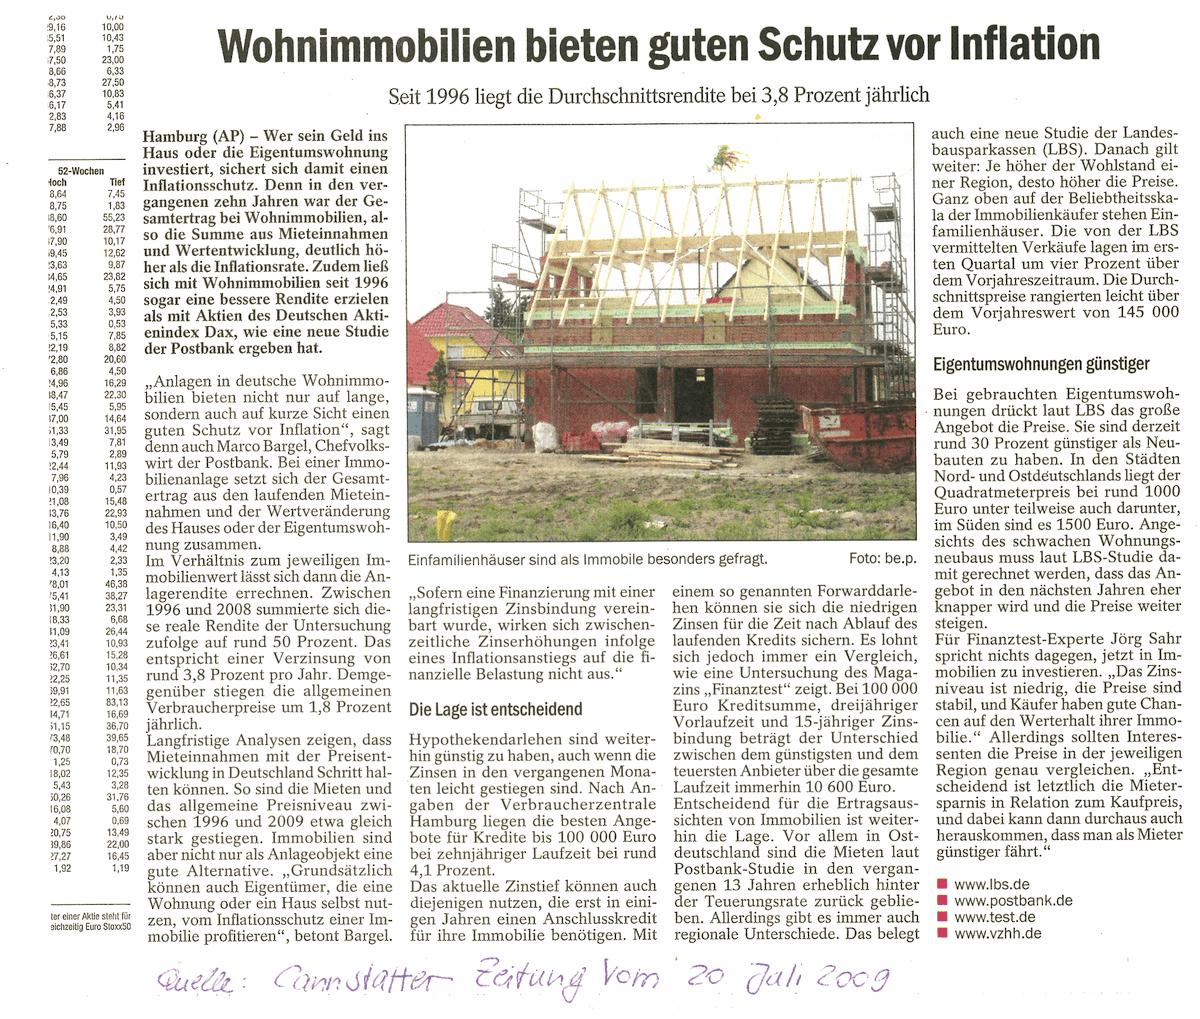 Presse-2009-Juli-20-Cannstatter-Zeitung-Wohnimmobilien-bieten-guten-Schutz-vor-Inflation